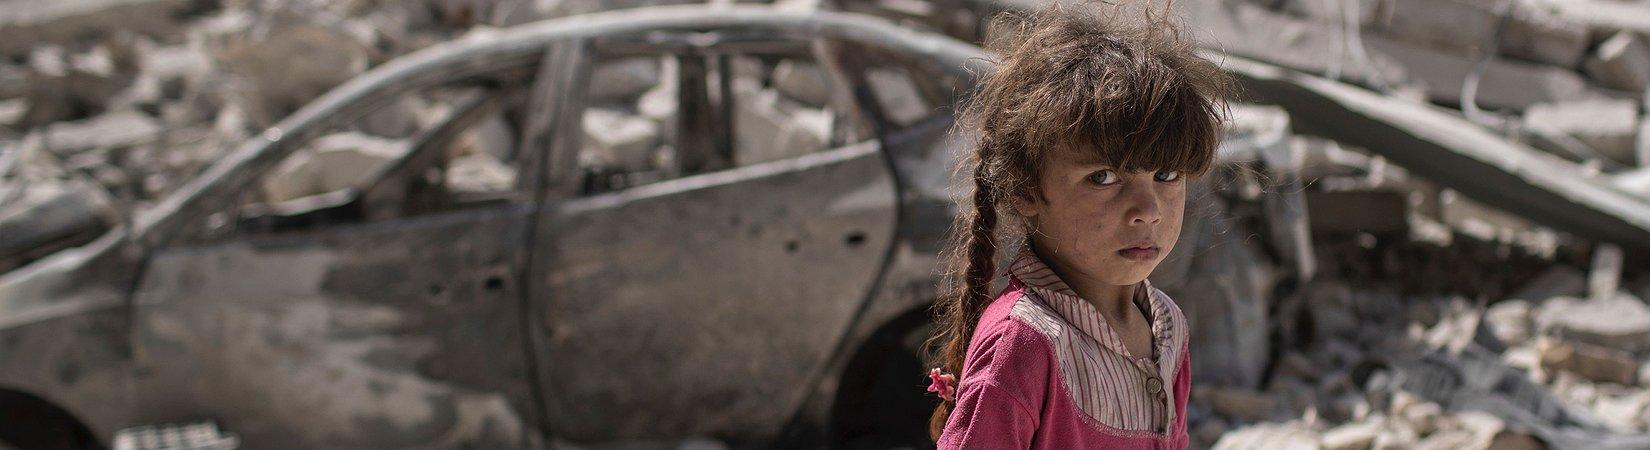 La caída del Estado Islámico: ¿Por qué la victoria sobre los terroristas no va a salvar Irak?